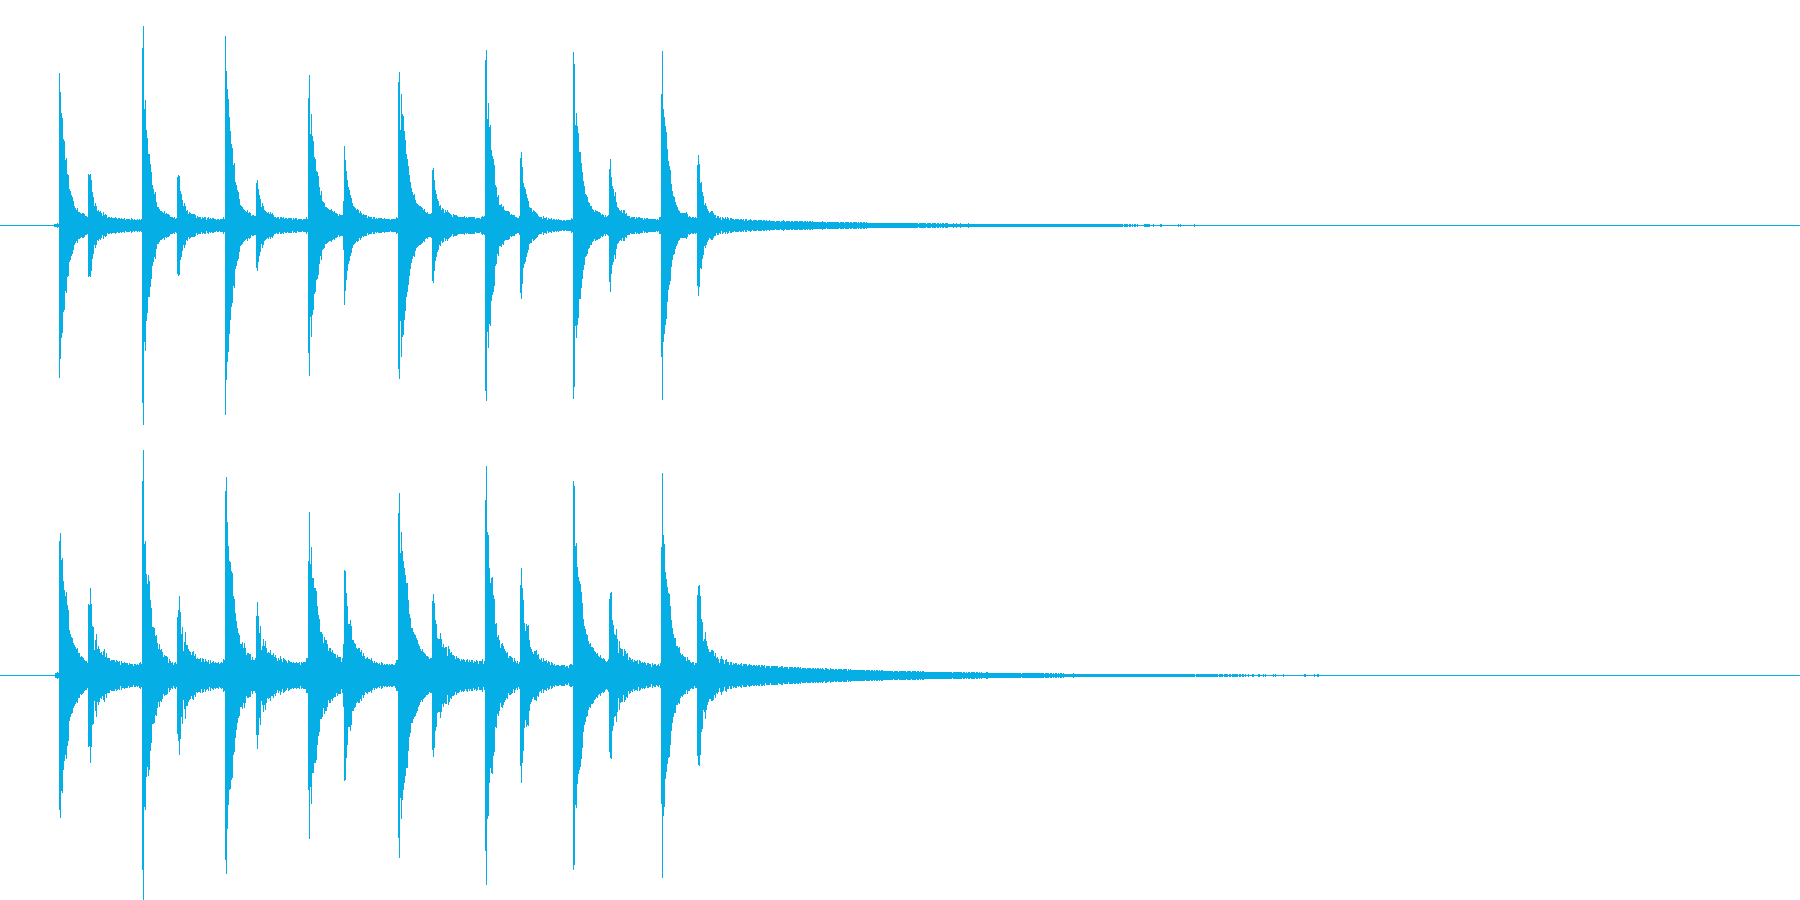 ピンポンピンポンピンポン!の再生済みの波形